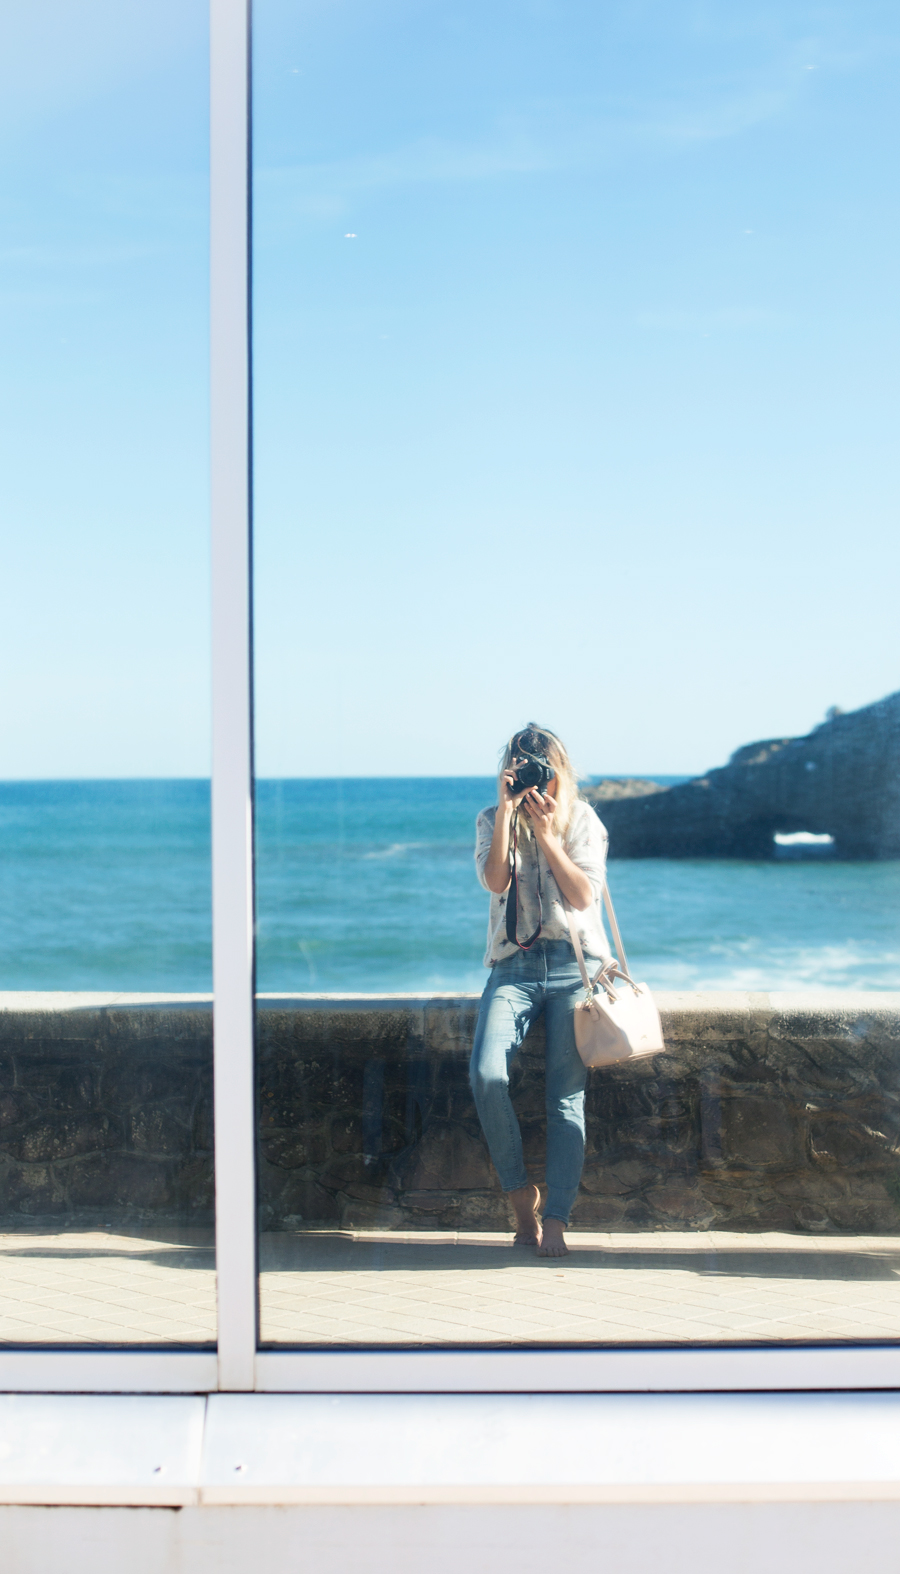 biarritz11